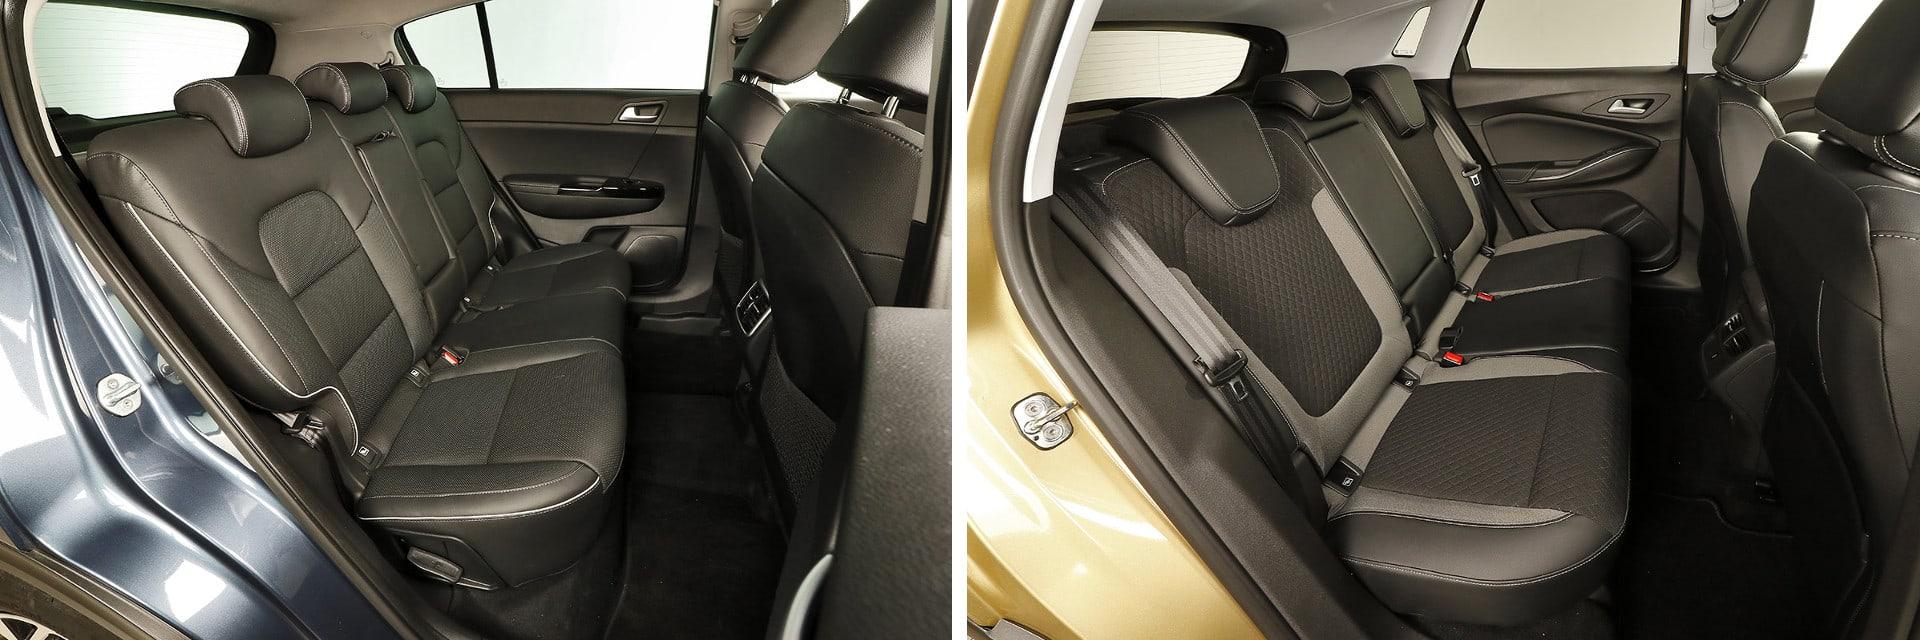 Los asientos traseros del KIA (izq.) pueden reclinarse 39 grados; los del Opel (dcha.) no se reclinan.